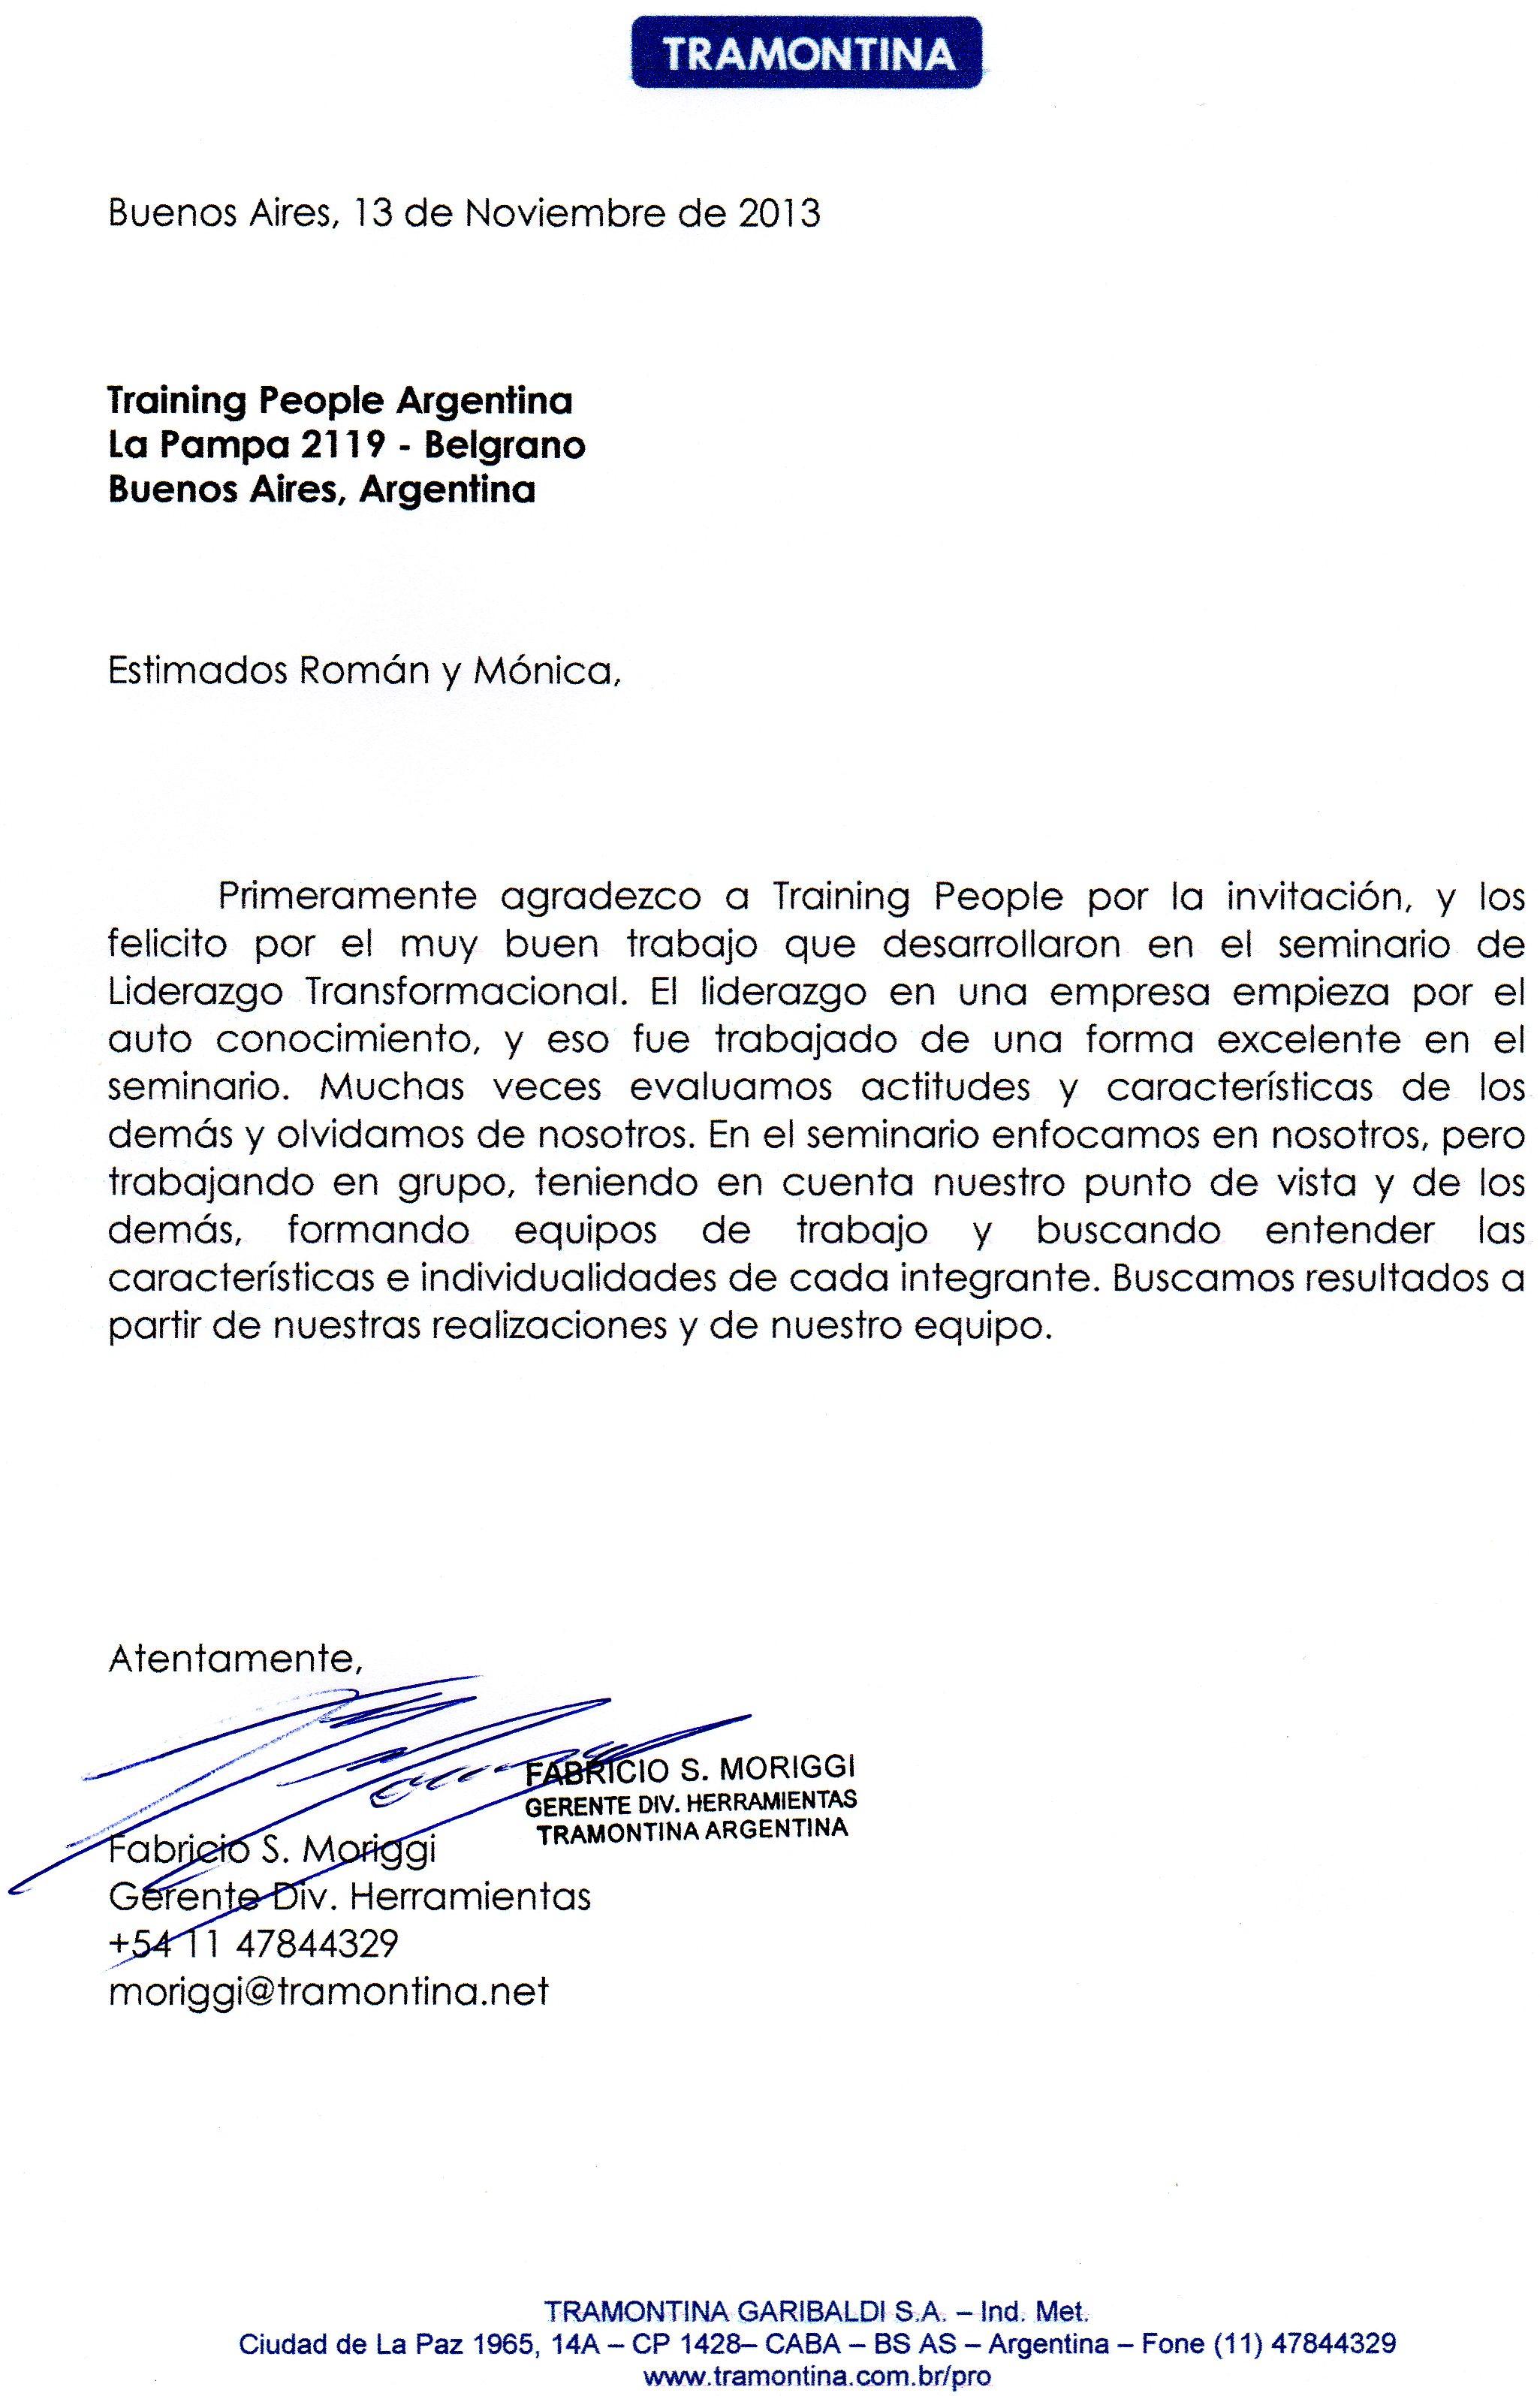 23 REFEERENCIA FABRICIO MORIGGI - SEM LI